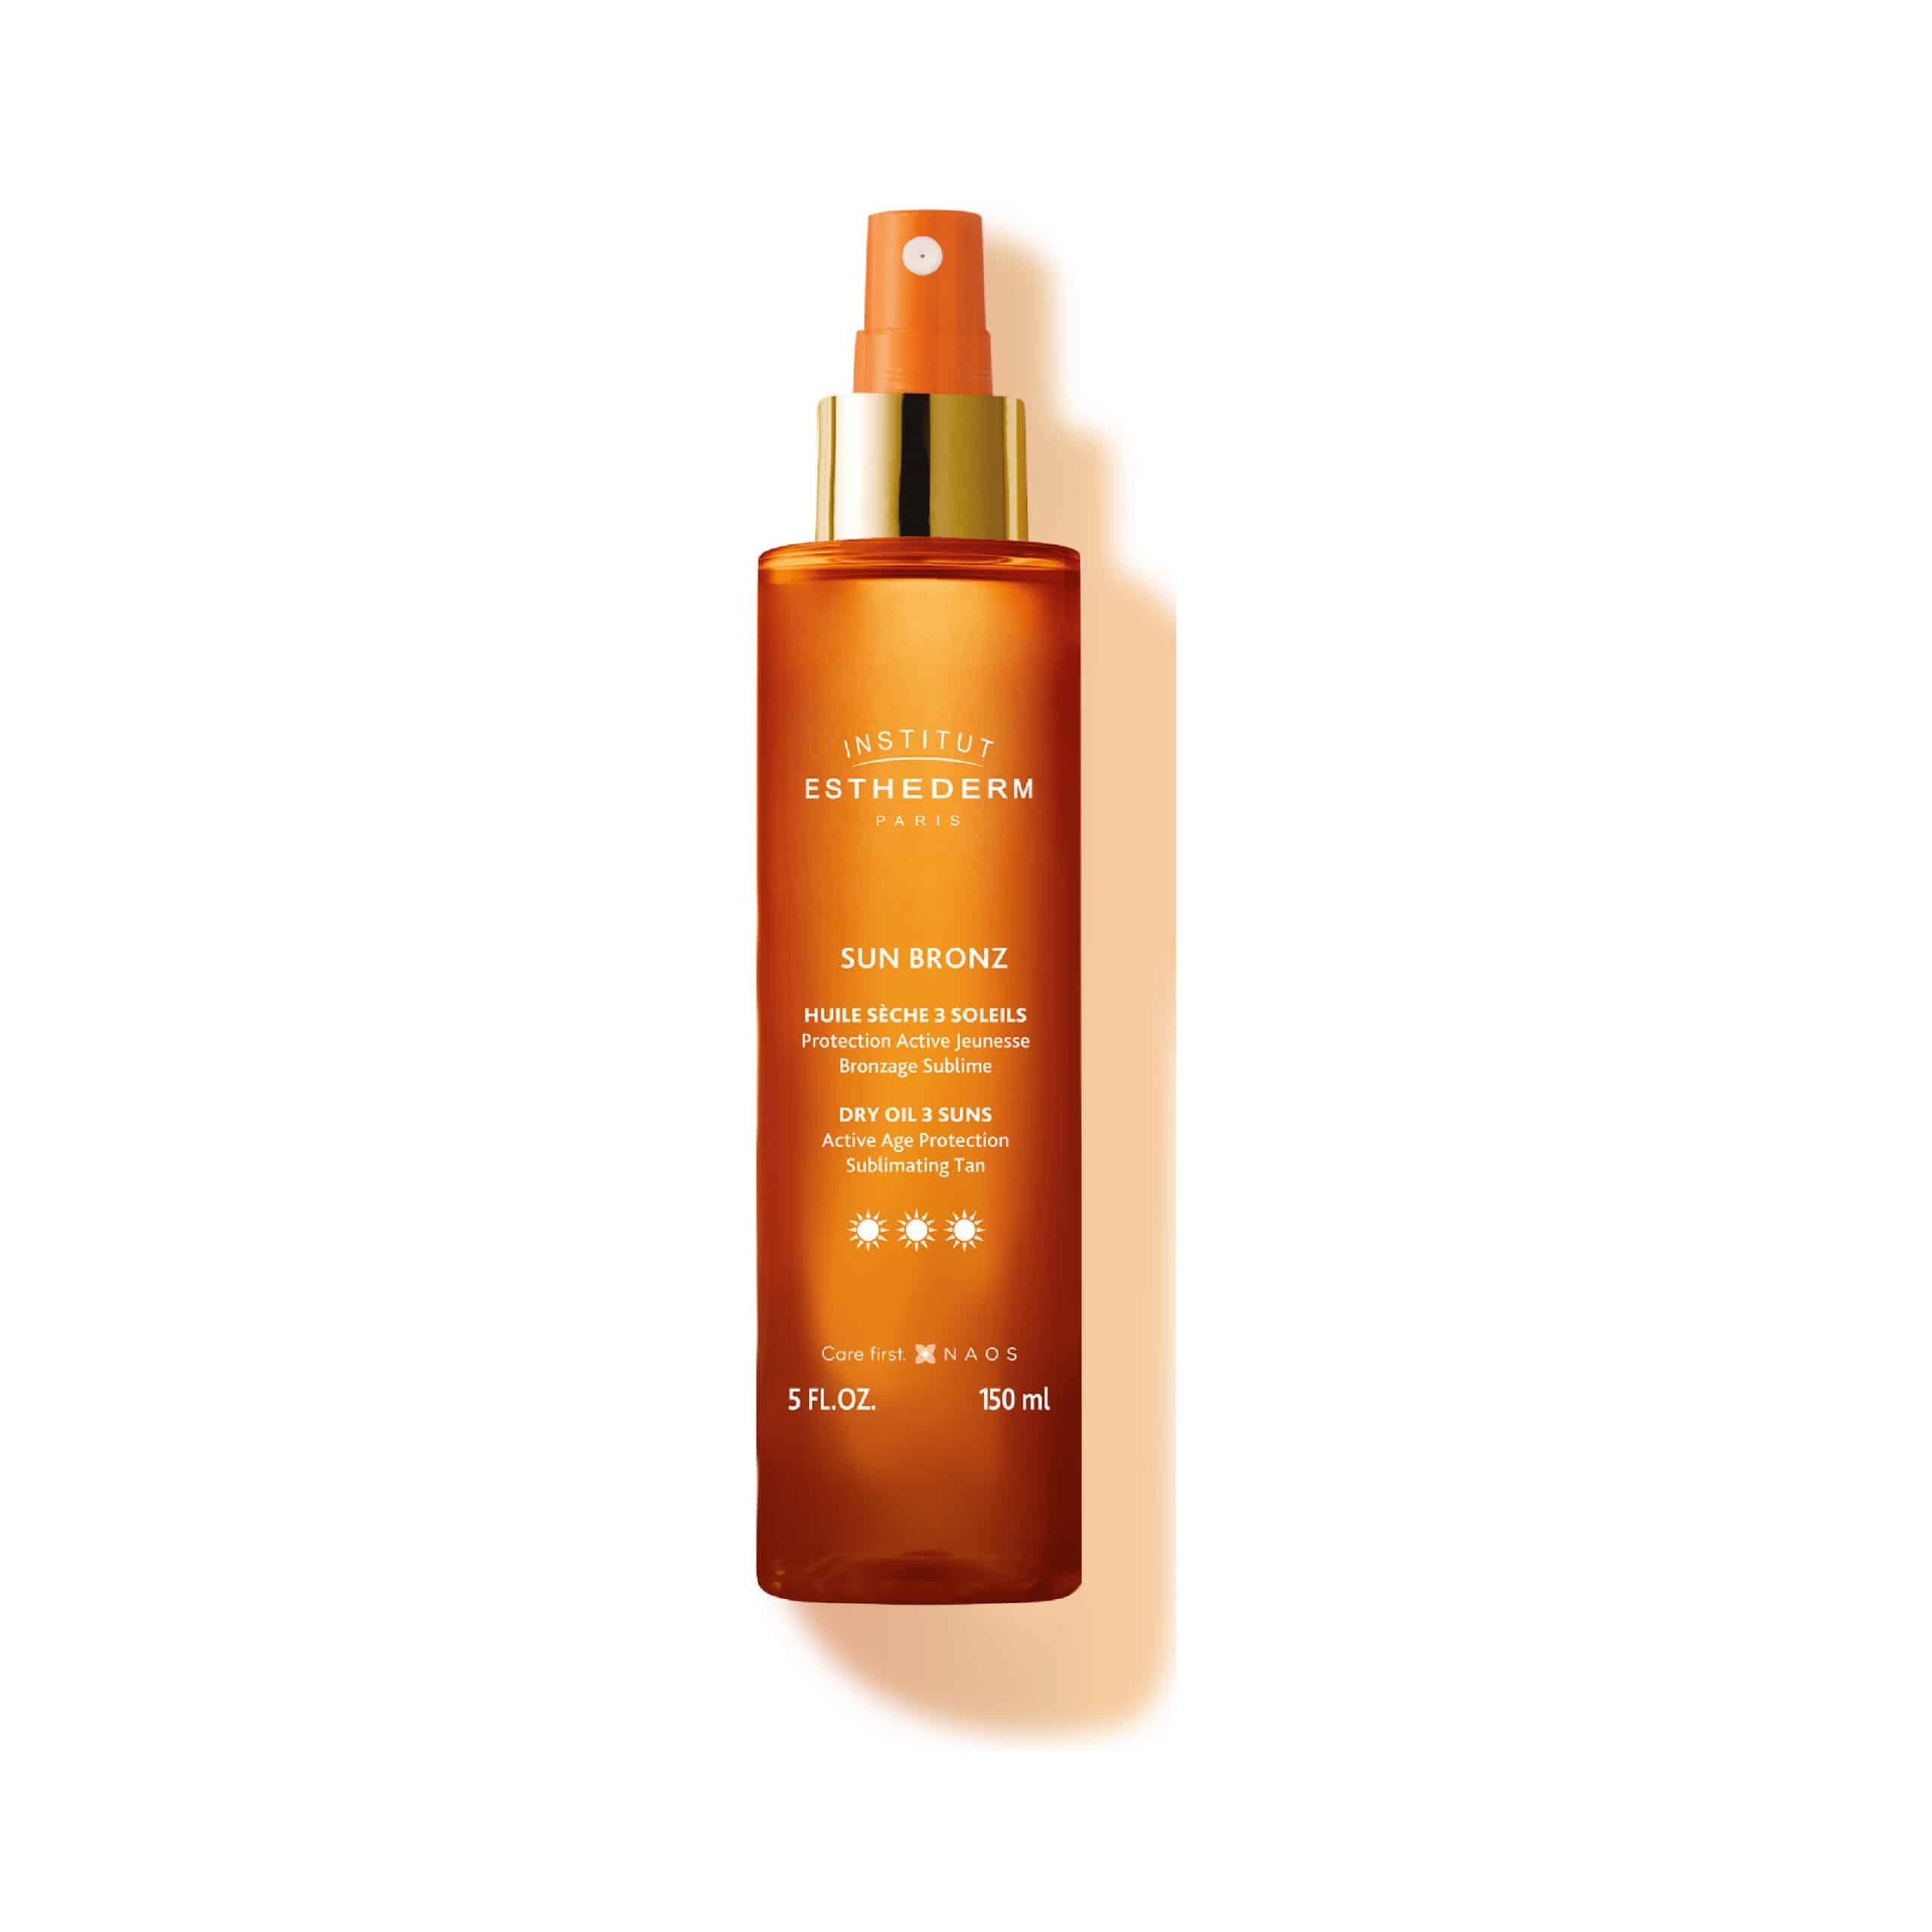 ESTHEDERM photo produit, Huile Sèche Protectrice 3 Soleils 150 ml, soin huile sèche, UVA UVB, nourrissant, écran solaire